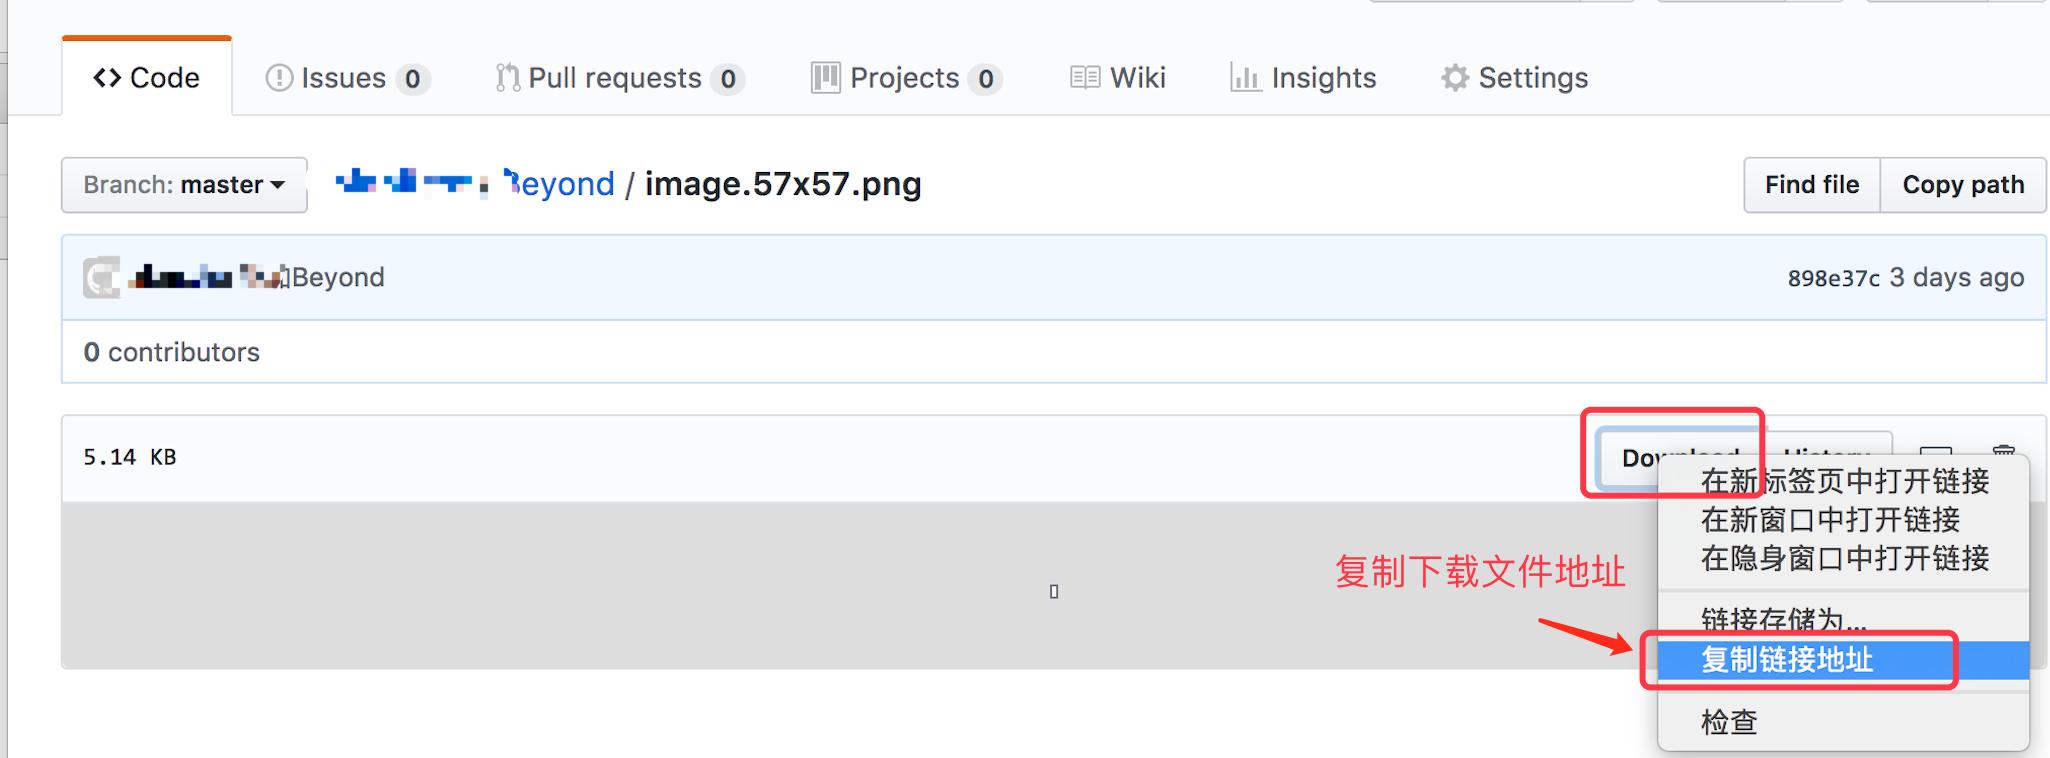 获取.ipa和图片下载路径,他们的获取方式一样